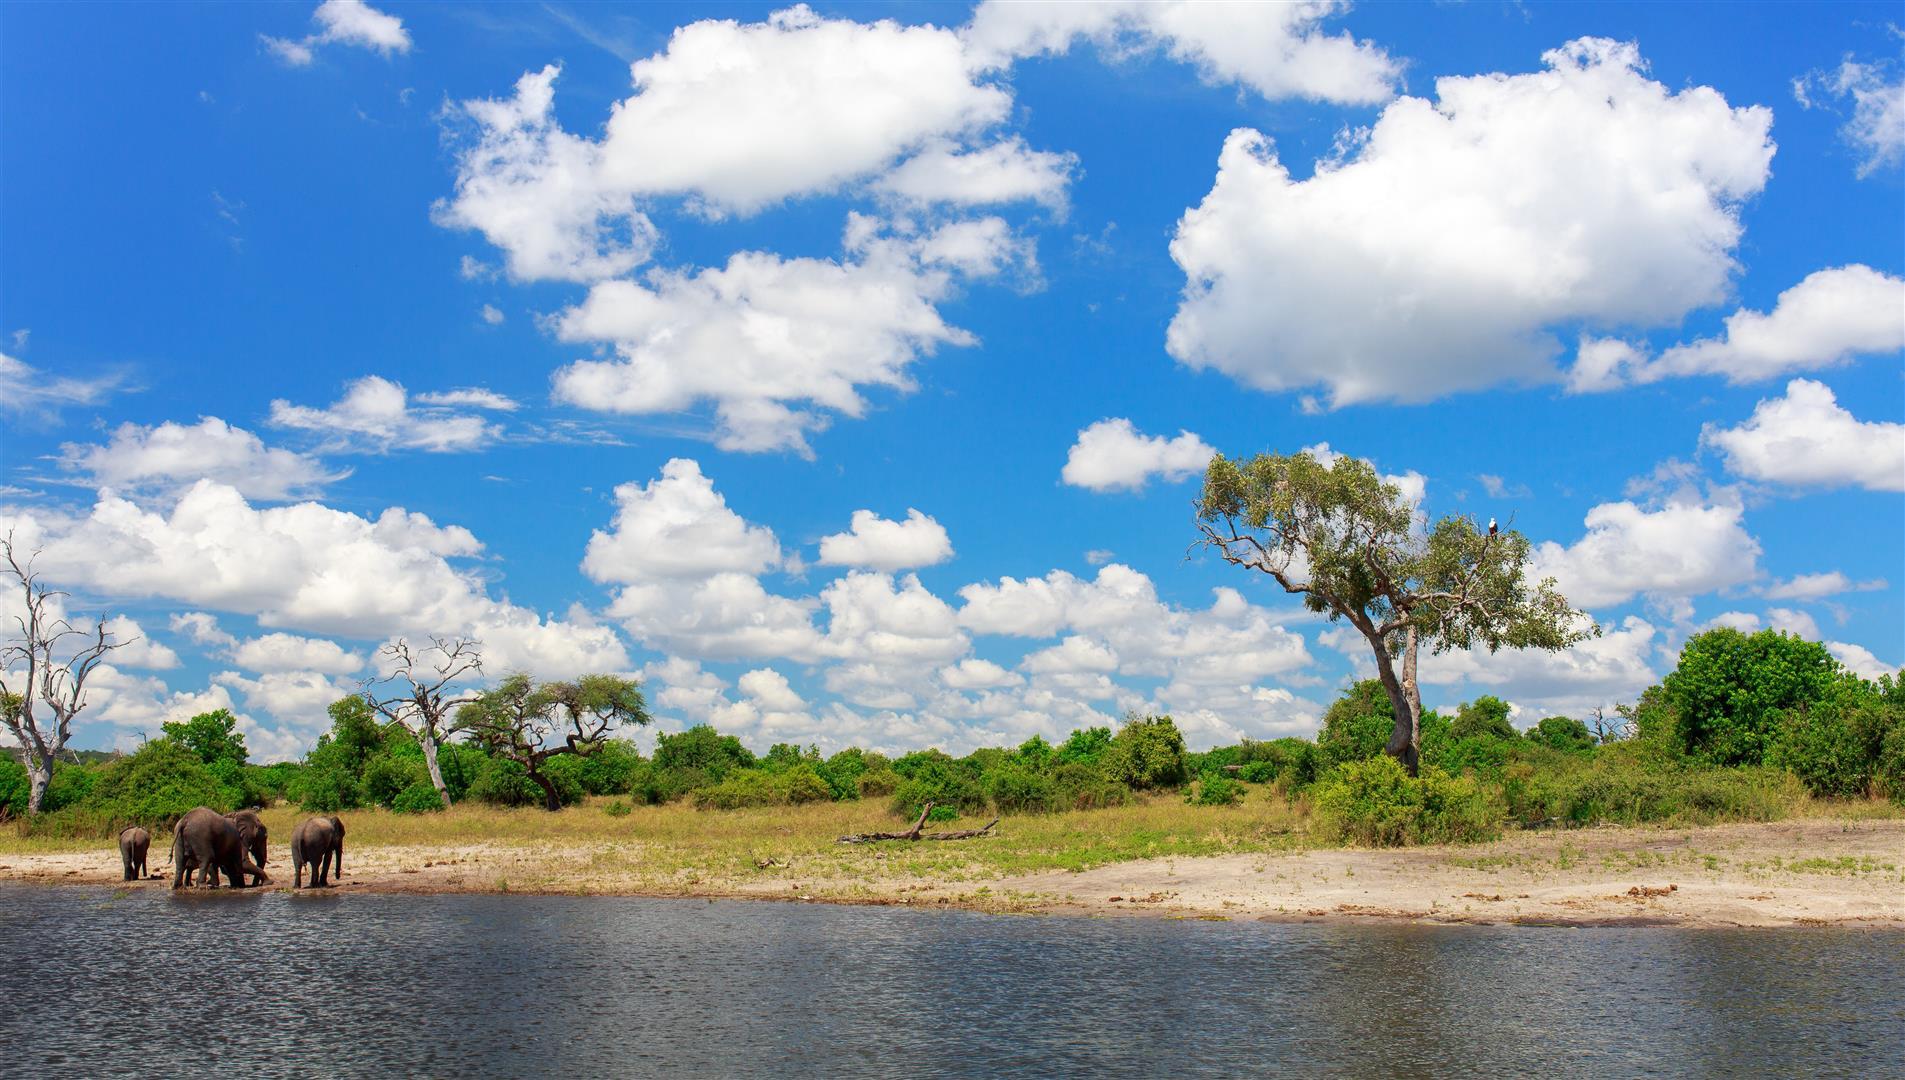 Un groupe d'éléphants se rafraîchissant au bord de la rivière Chobe en Namibie